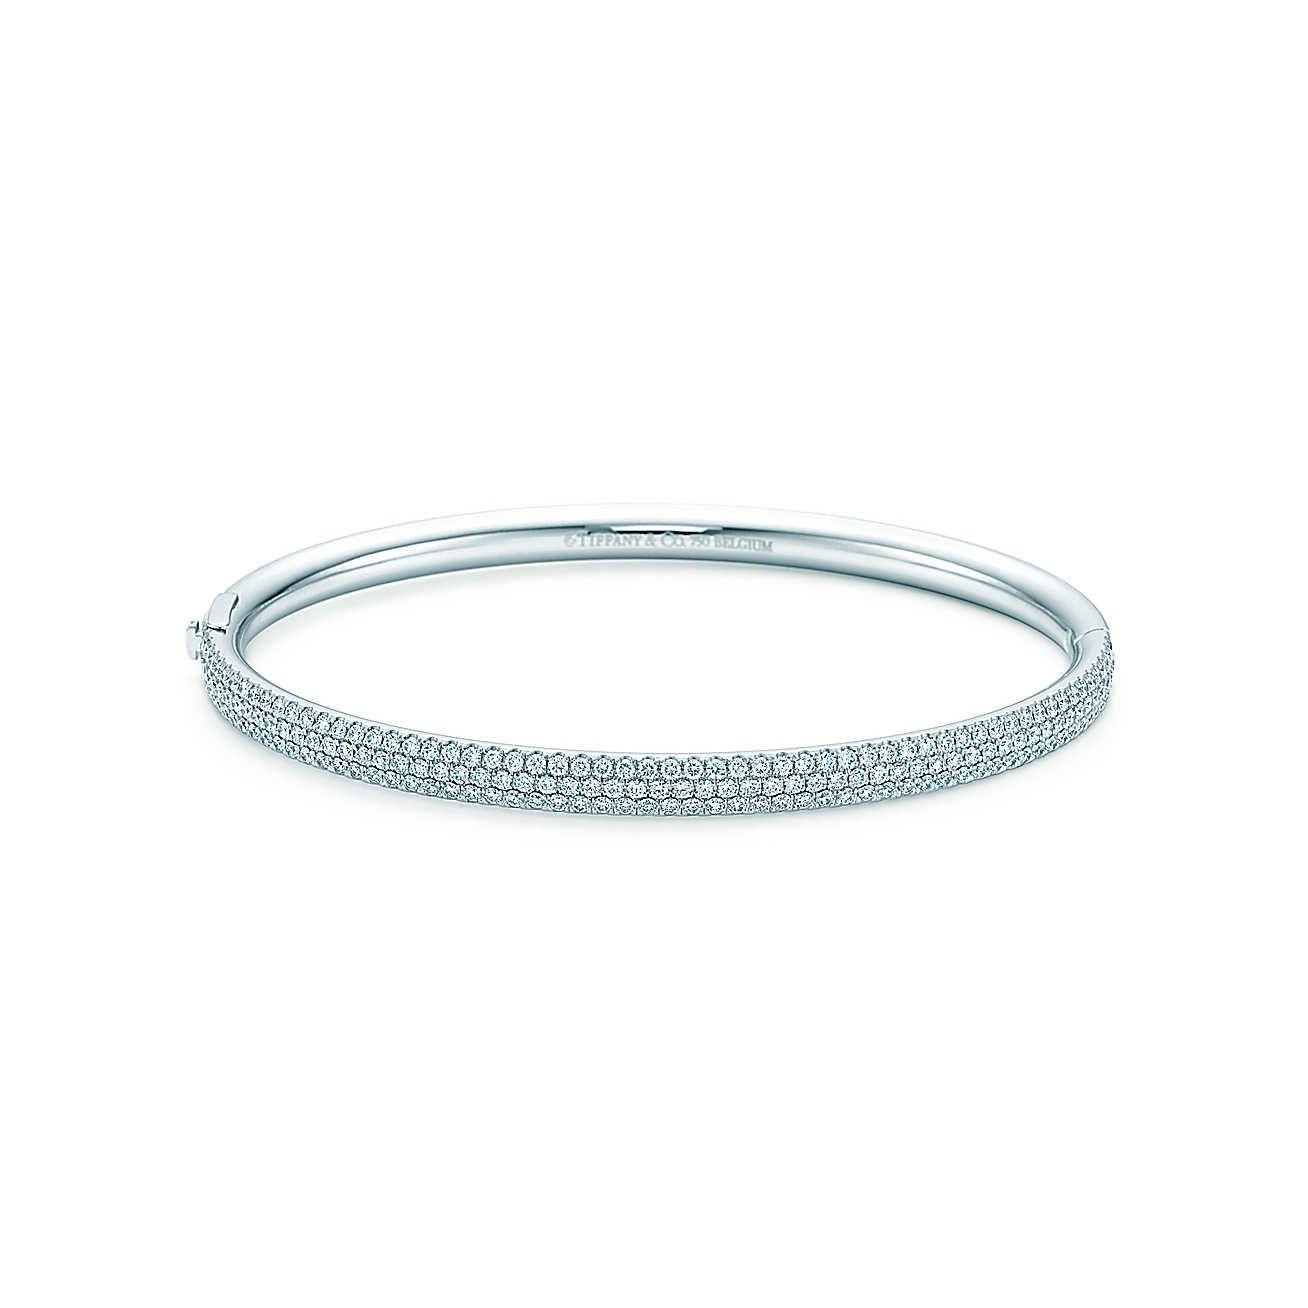 84ae0fbef Tiffany Metro three-row hinged bangle in 18k white gold with diamonds,  medium. | Tiffany & Co.